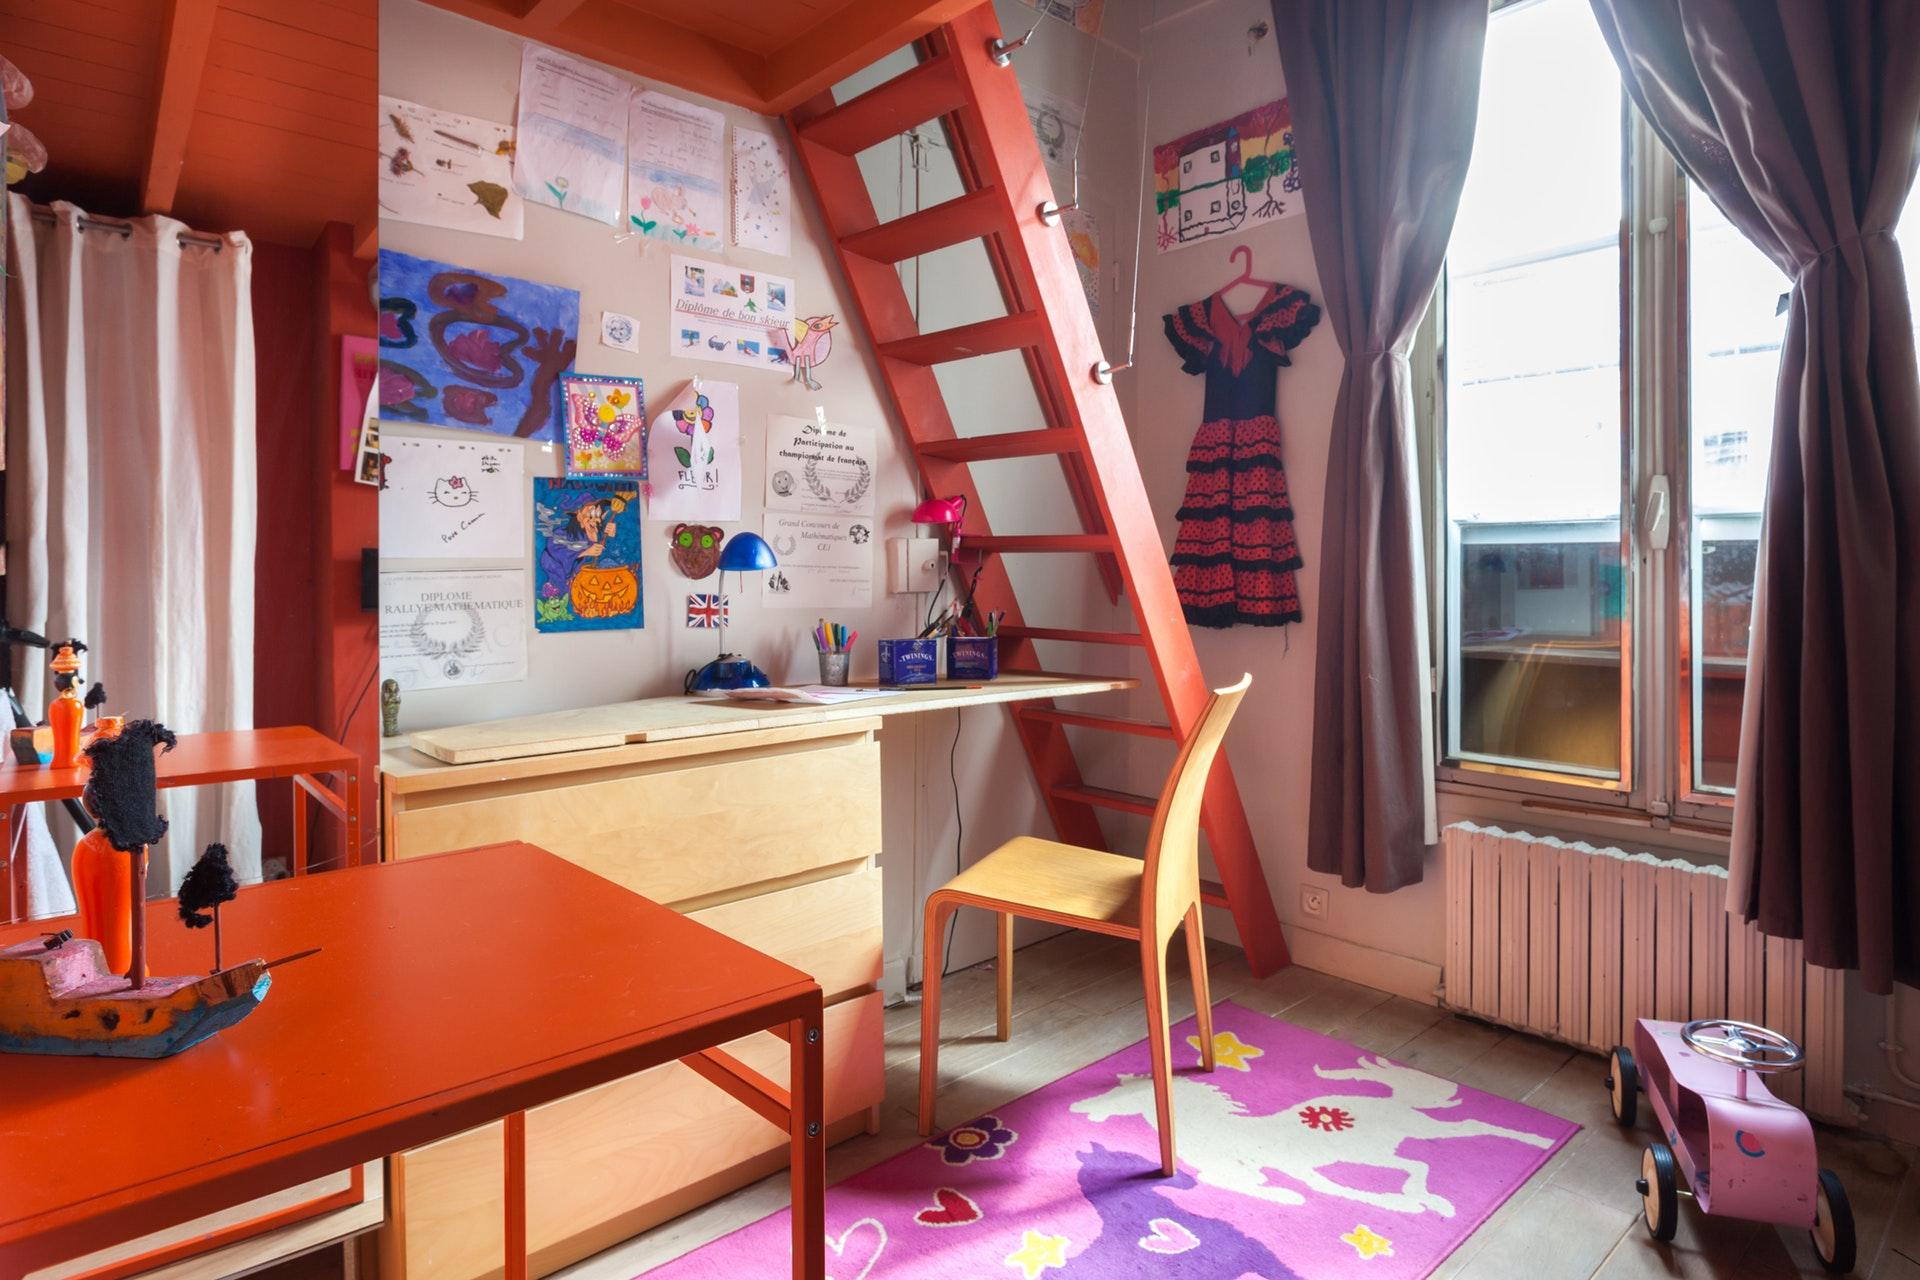 детская комната окно антресоли лестница